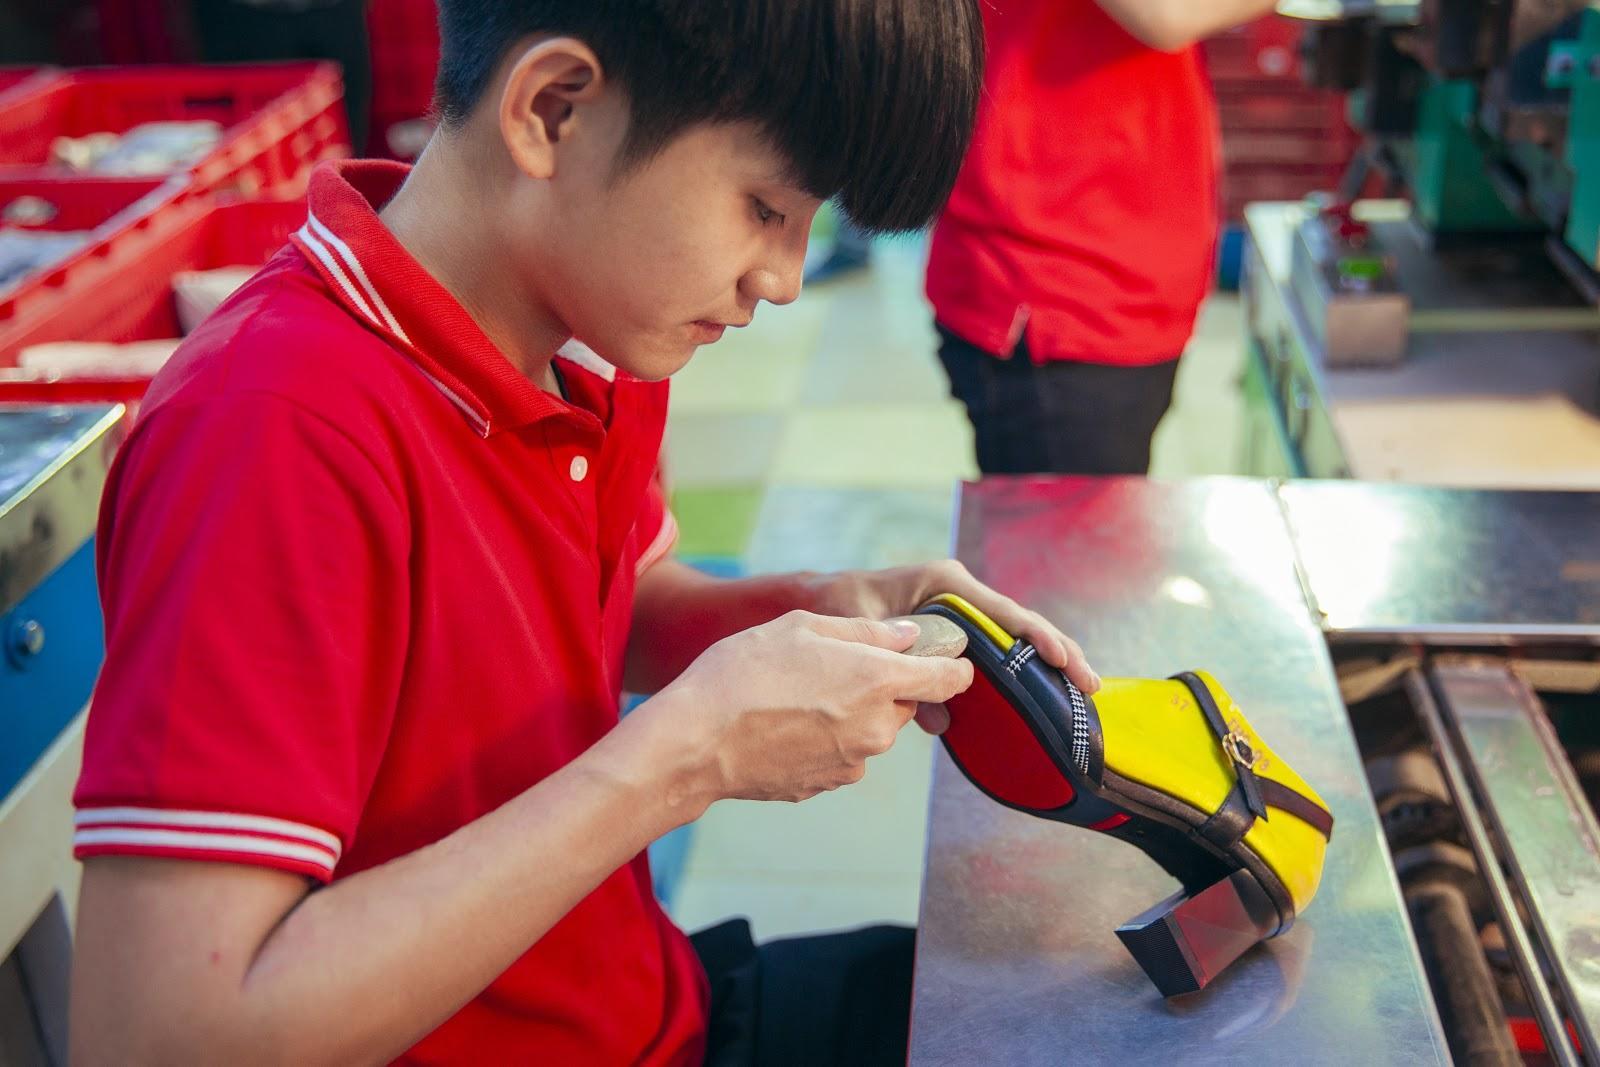 Thiên Hương – Đơn vị chuyên sản xuất và phân phối các mặt hàng giày dép uy tín nhất